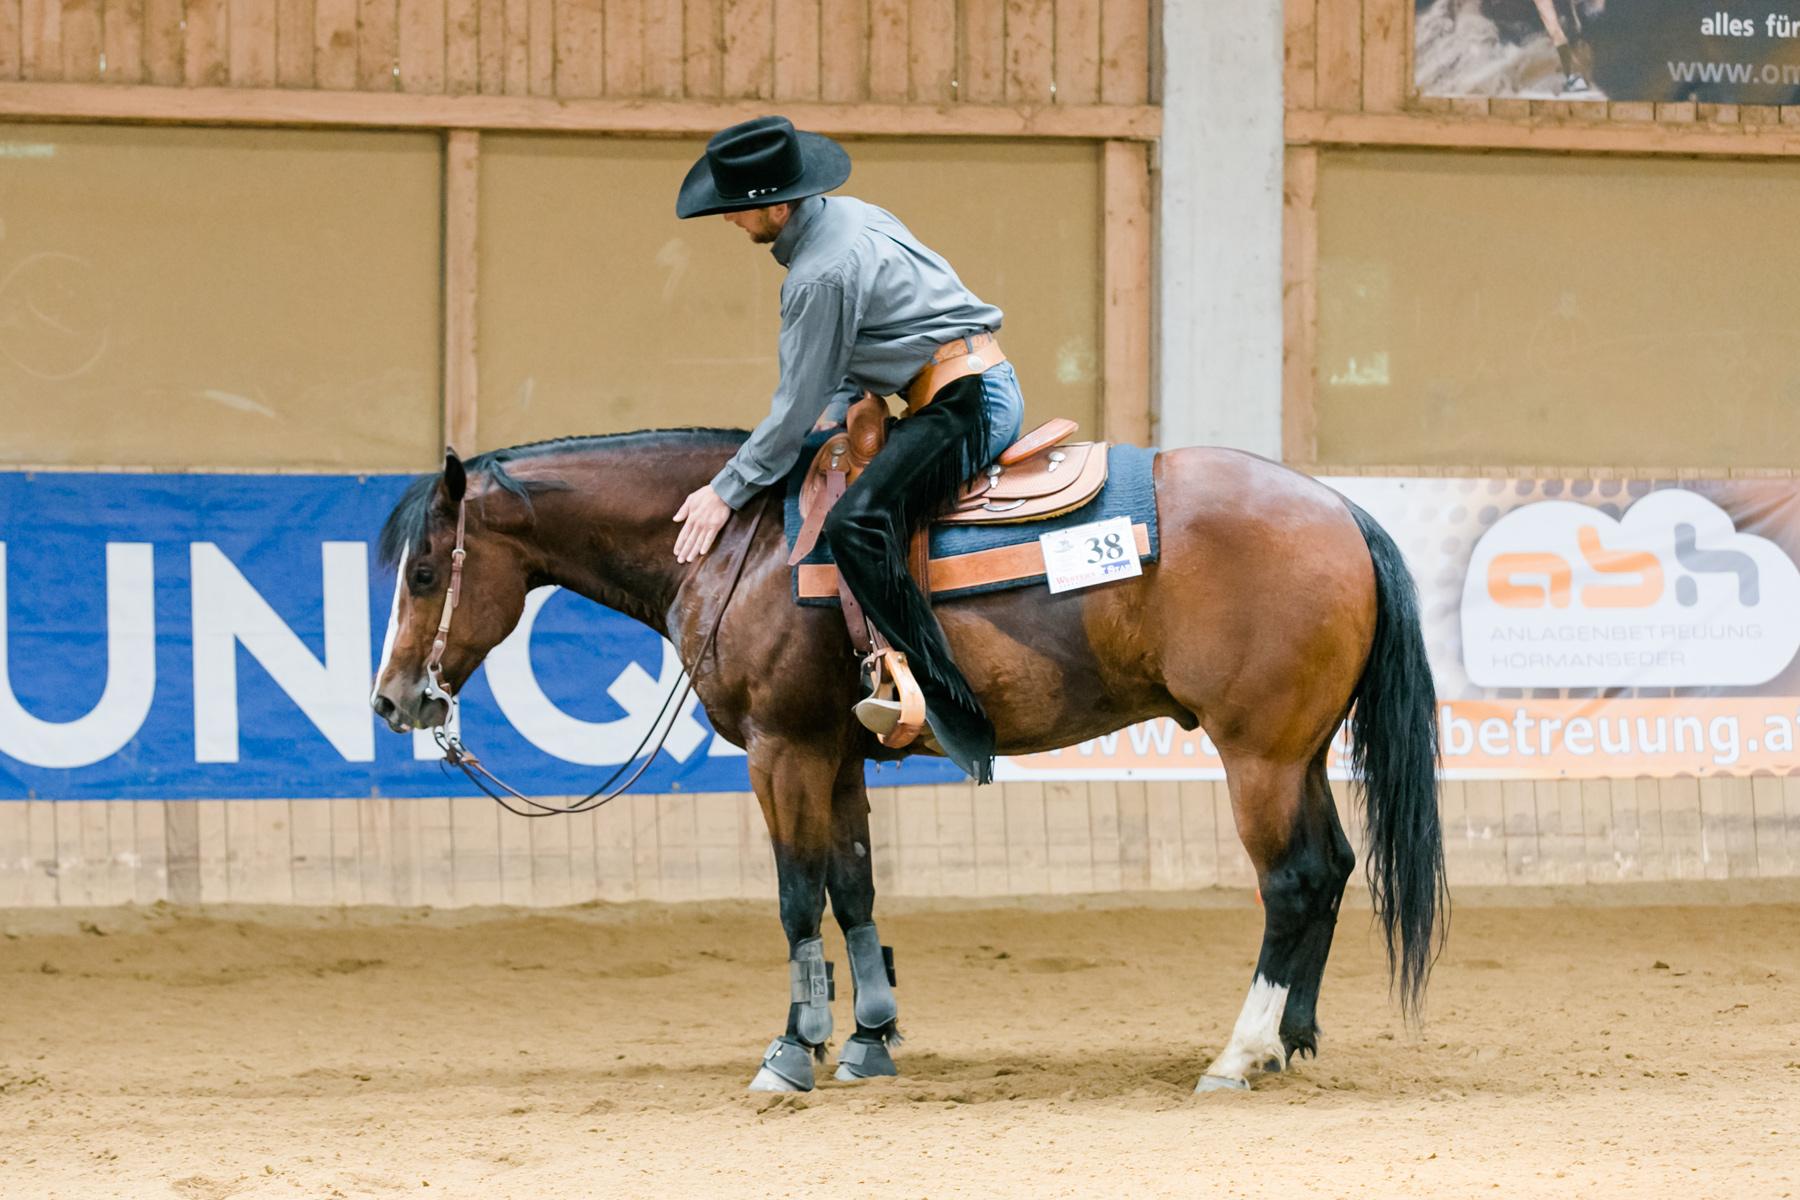 Reini Hochreiter und Smart Freckles Orima nach ihrem Siegesritt. Foto: Andrea Indrich